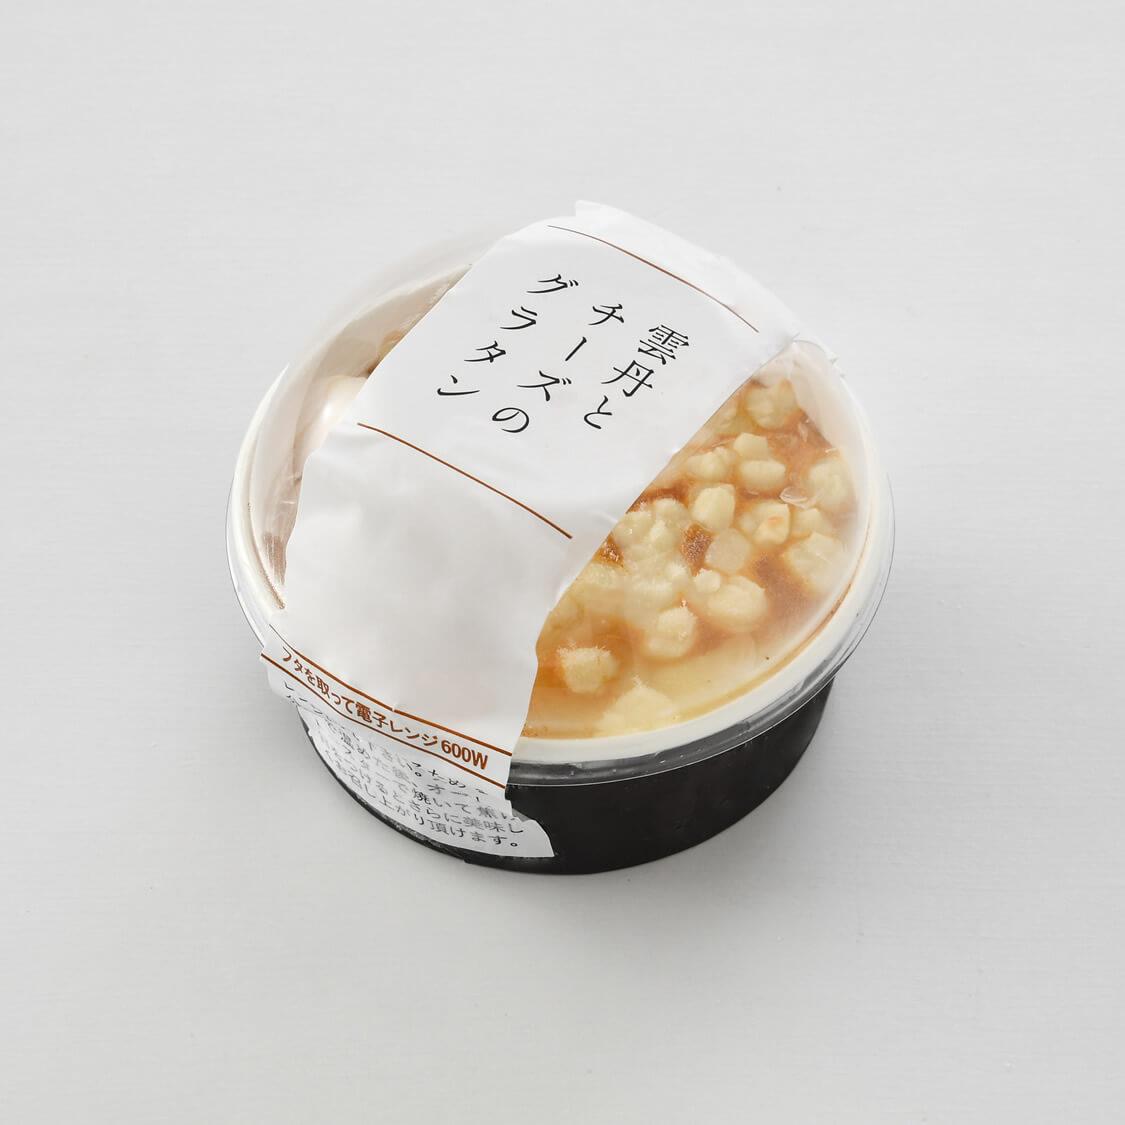 アンコール販売 | 雲丹とチーズのグラタン1食(120g)